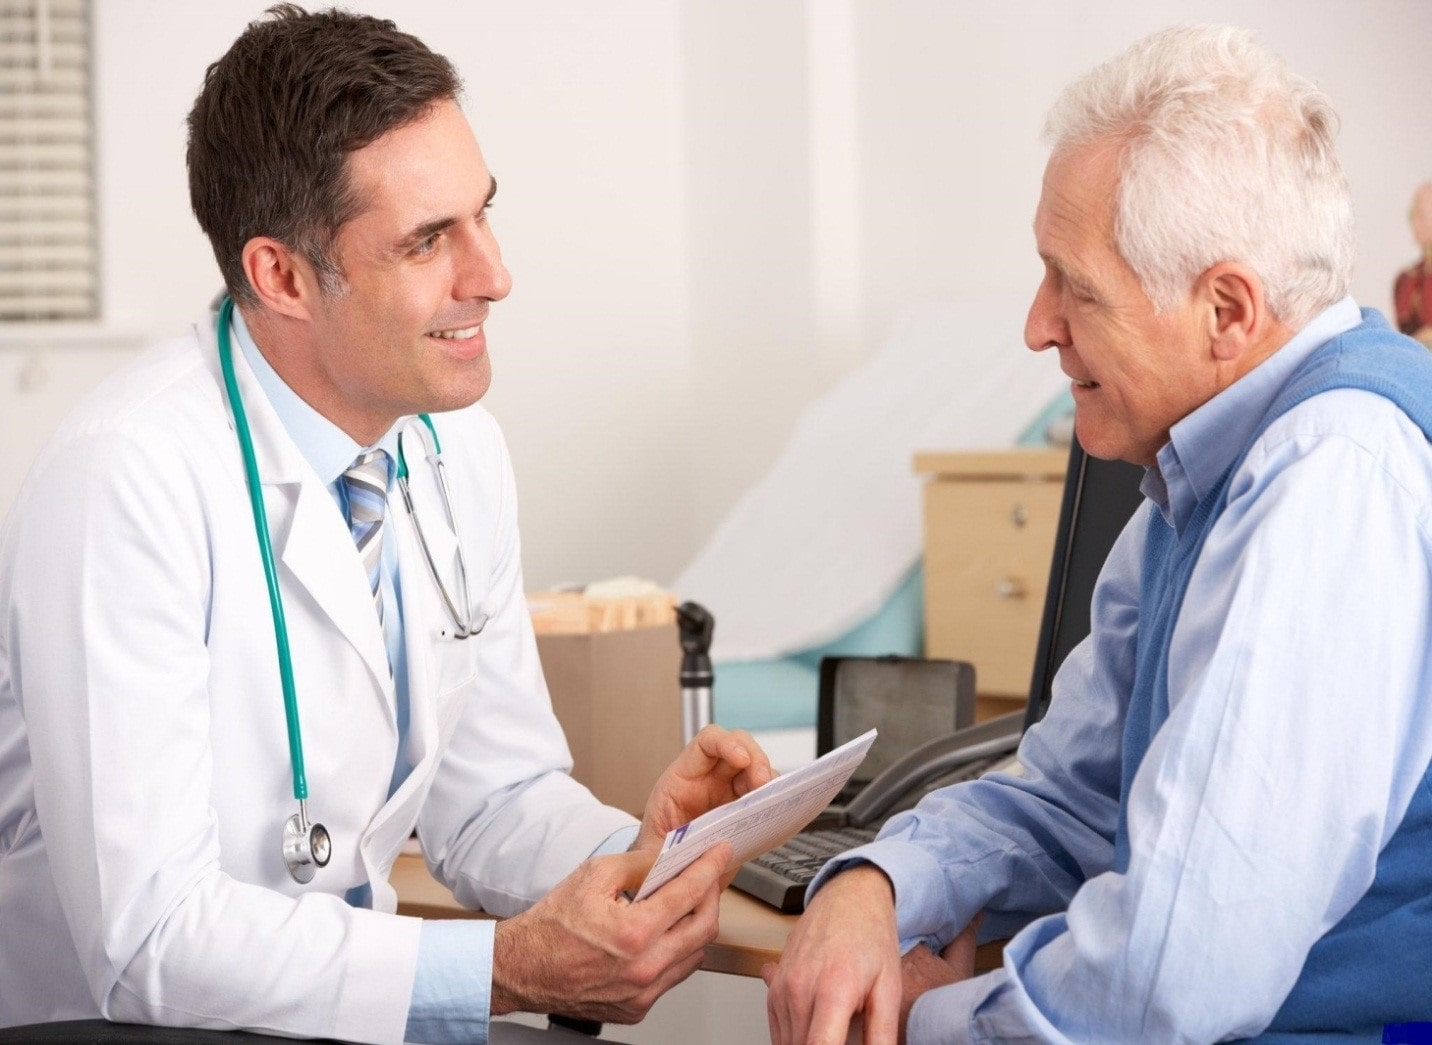 نحوه تشخیص بیماری در طب نوین و مکمل